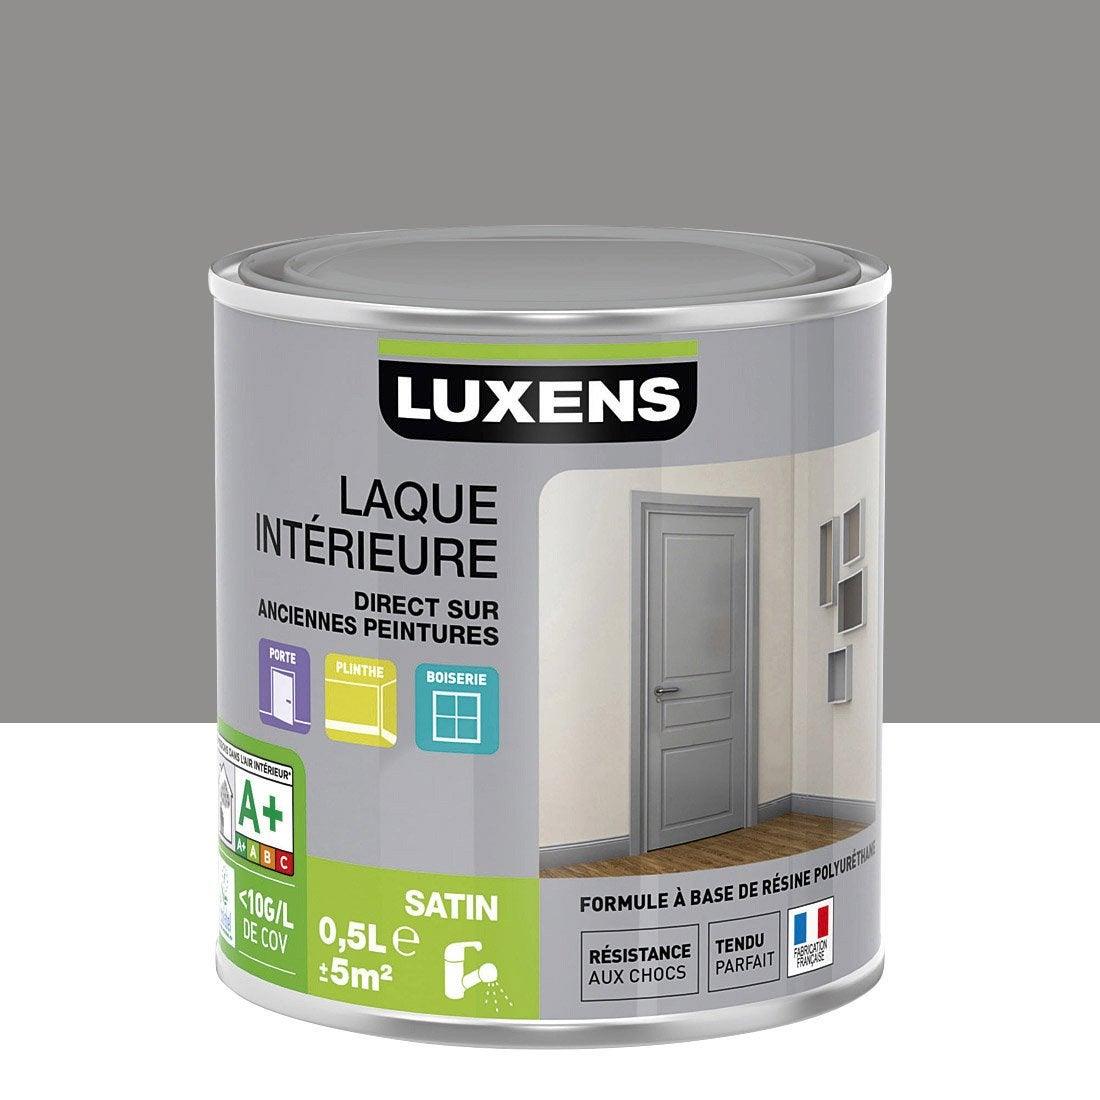 Peinture gris galet 3 luxens laque satin 0 5 l leroy merlin - Peinture leroy merlin luxens ...